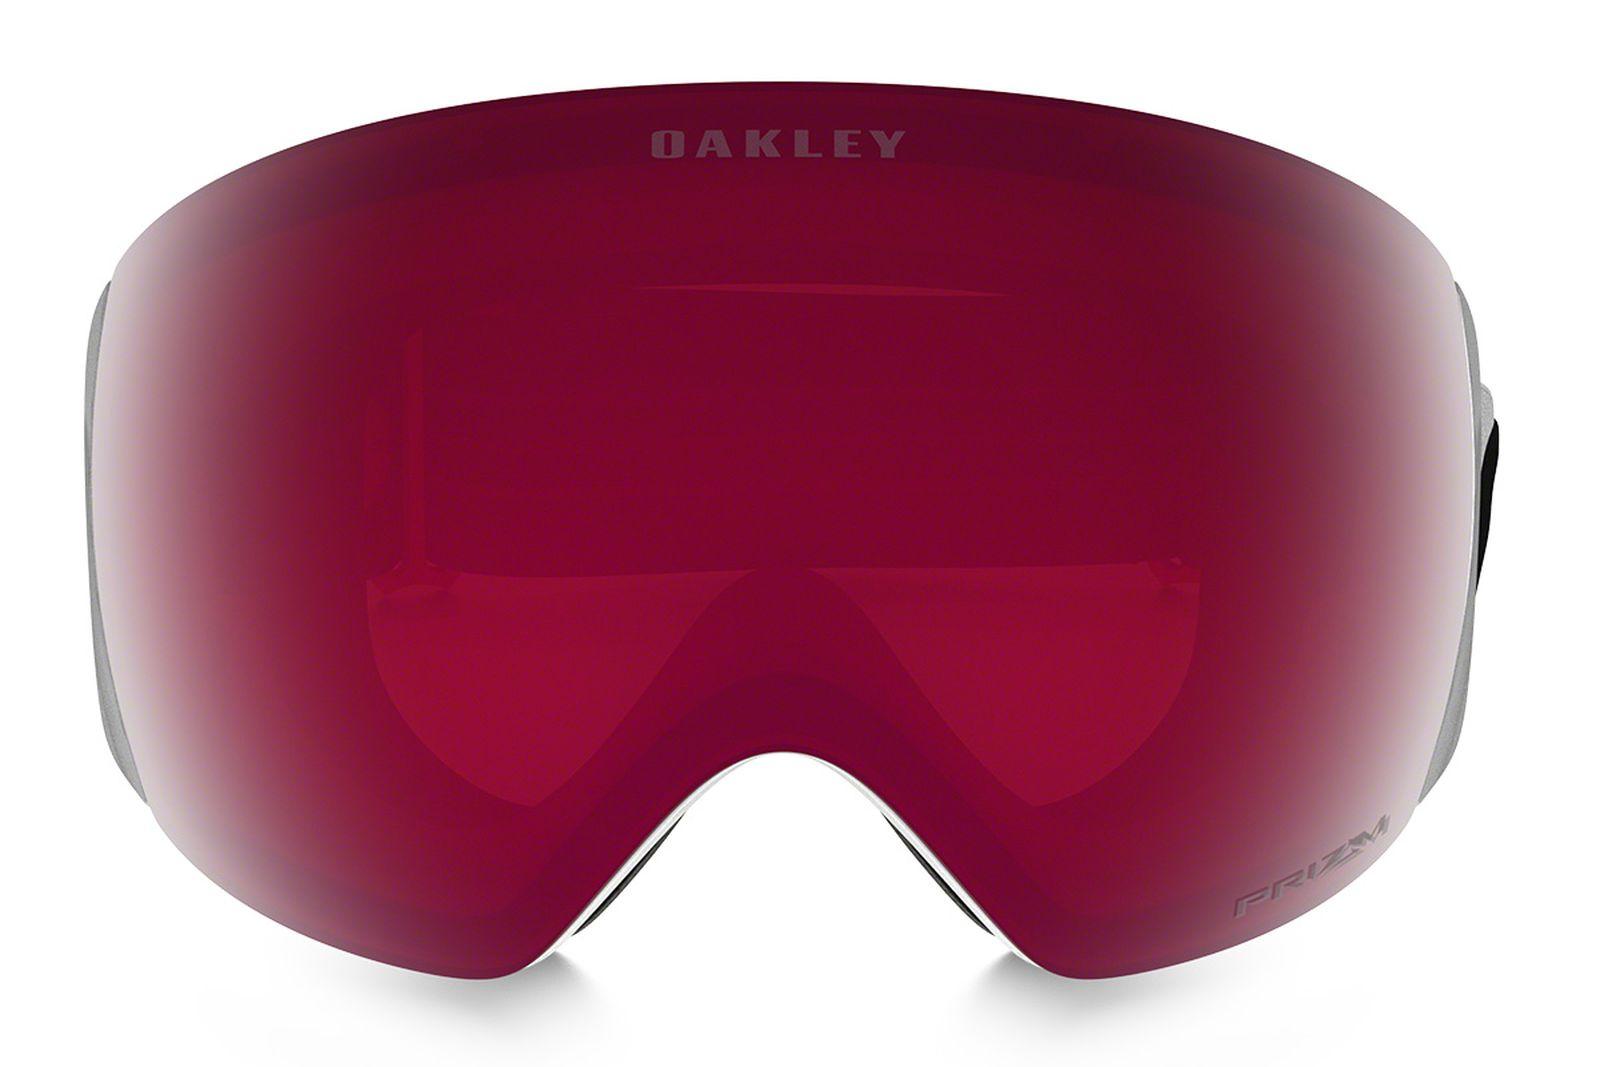 la-clarté-historique-oakleys-lens-tech-keeps-get-sharper-10